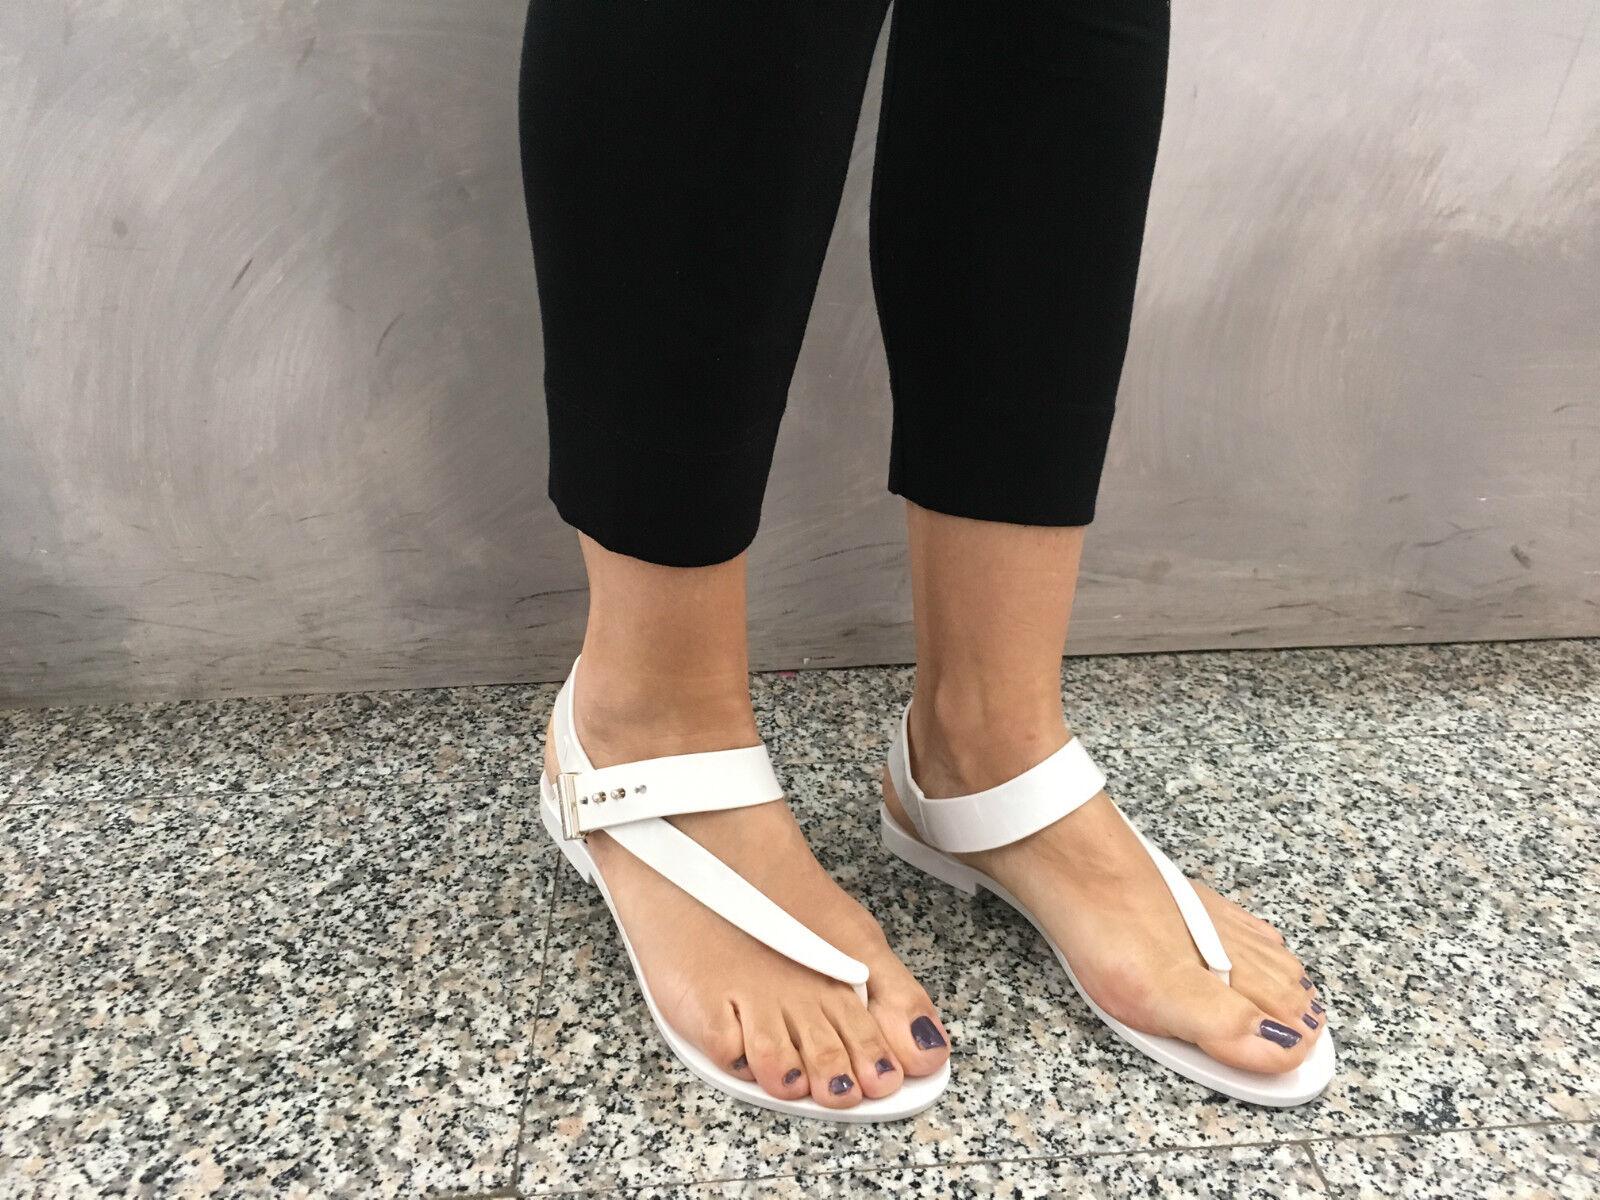 Melissa+JASON WU Sandalee Frauen Creme 100% caucciù hergestellt in Brasilien mod